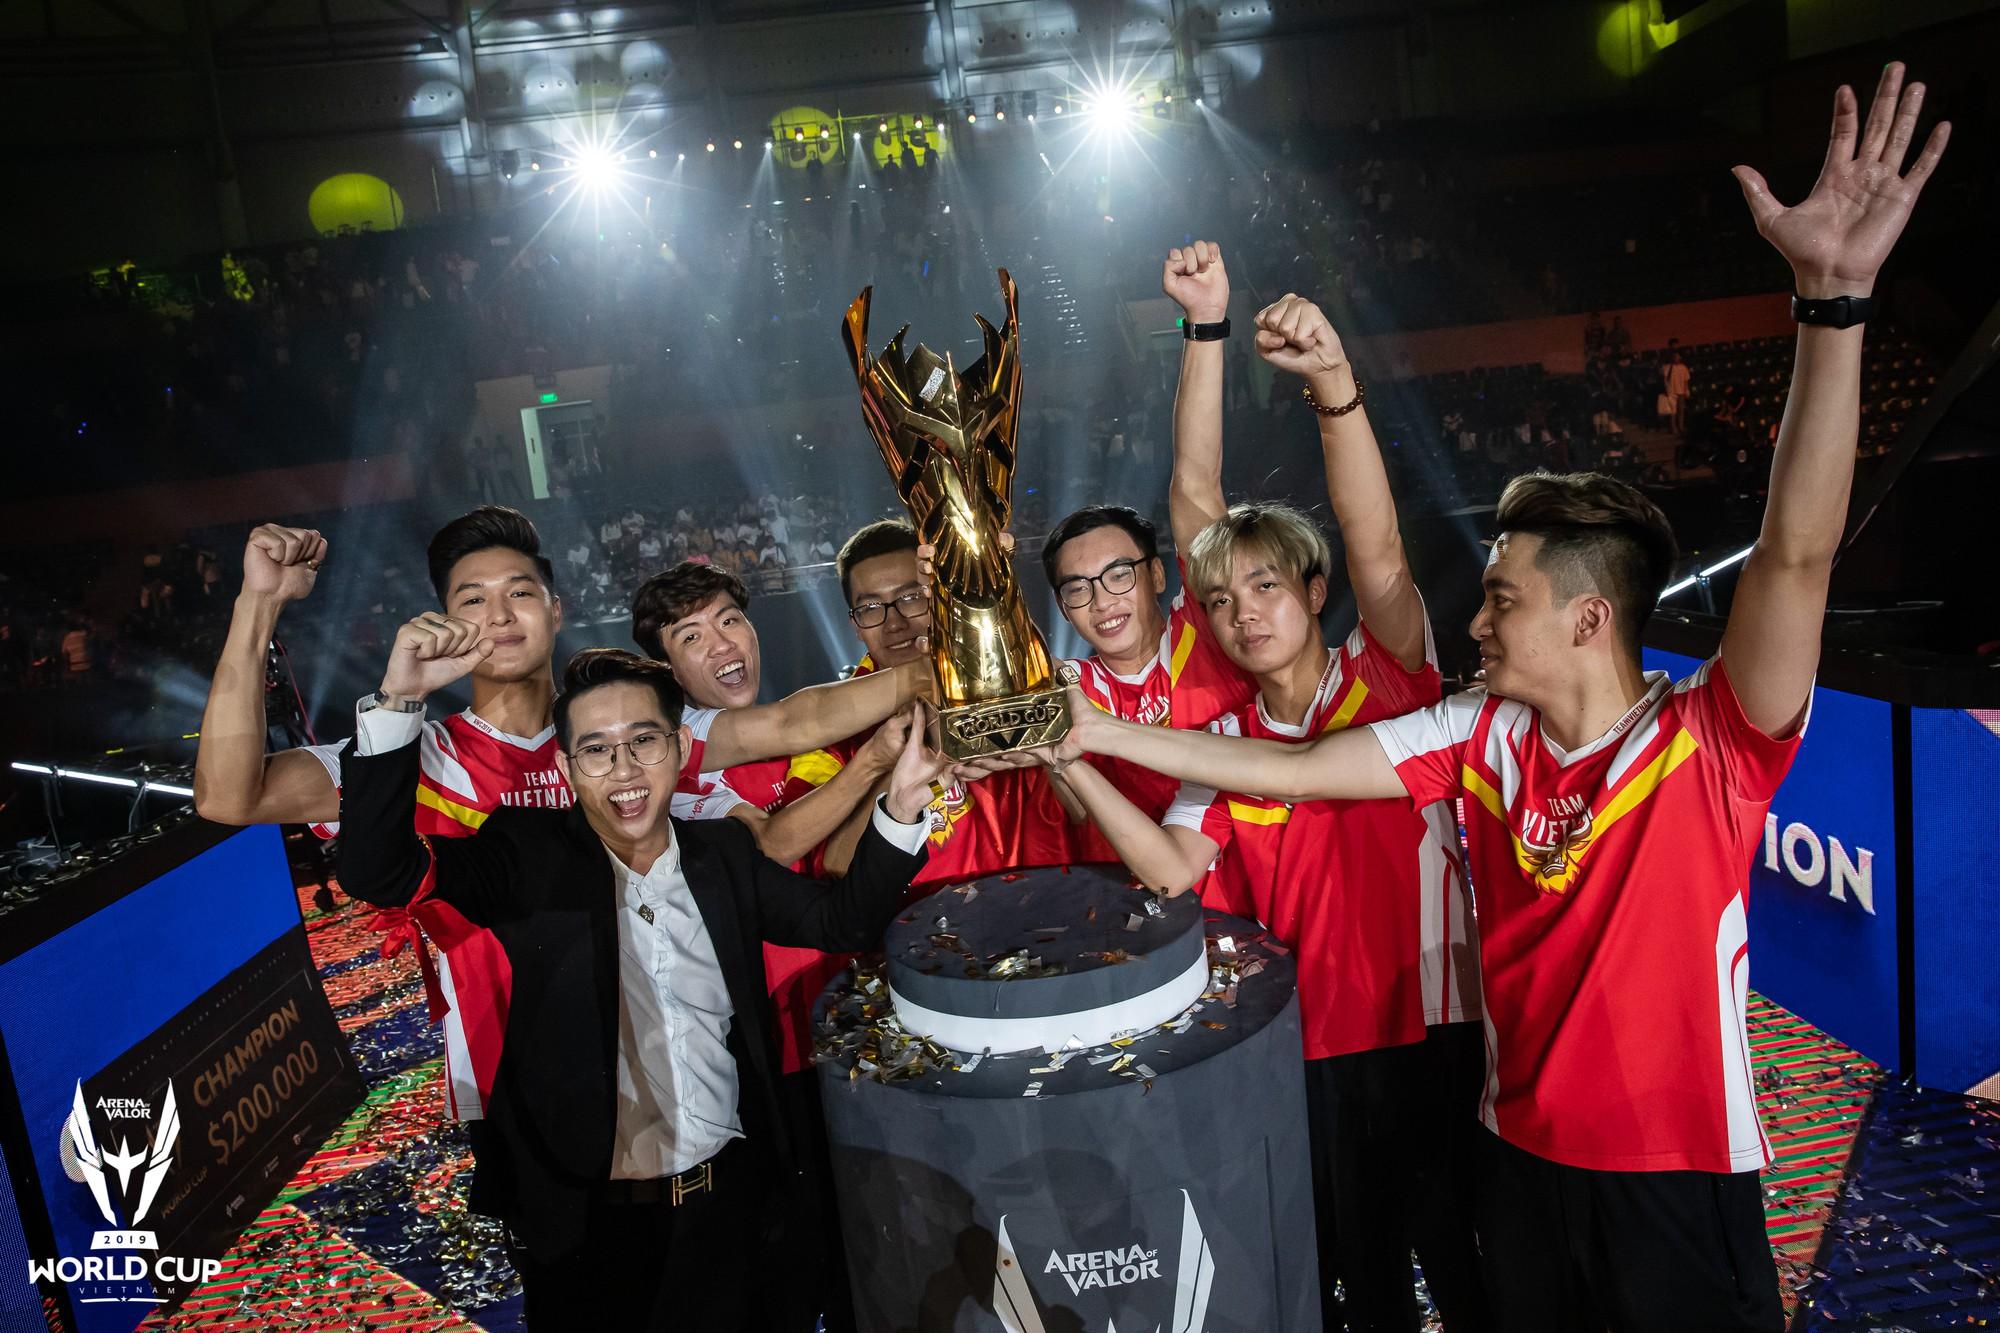 Trước khi Team Flash vô địch AWC 2019 và viết nên lịch sử, đây là những cái tên đã giúp nền Esports Việt vươn tầm thế giới - Ảnh 1.